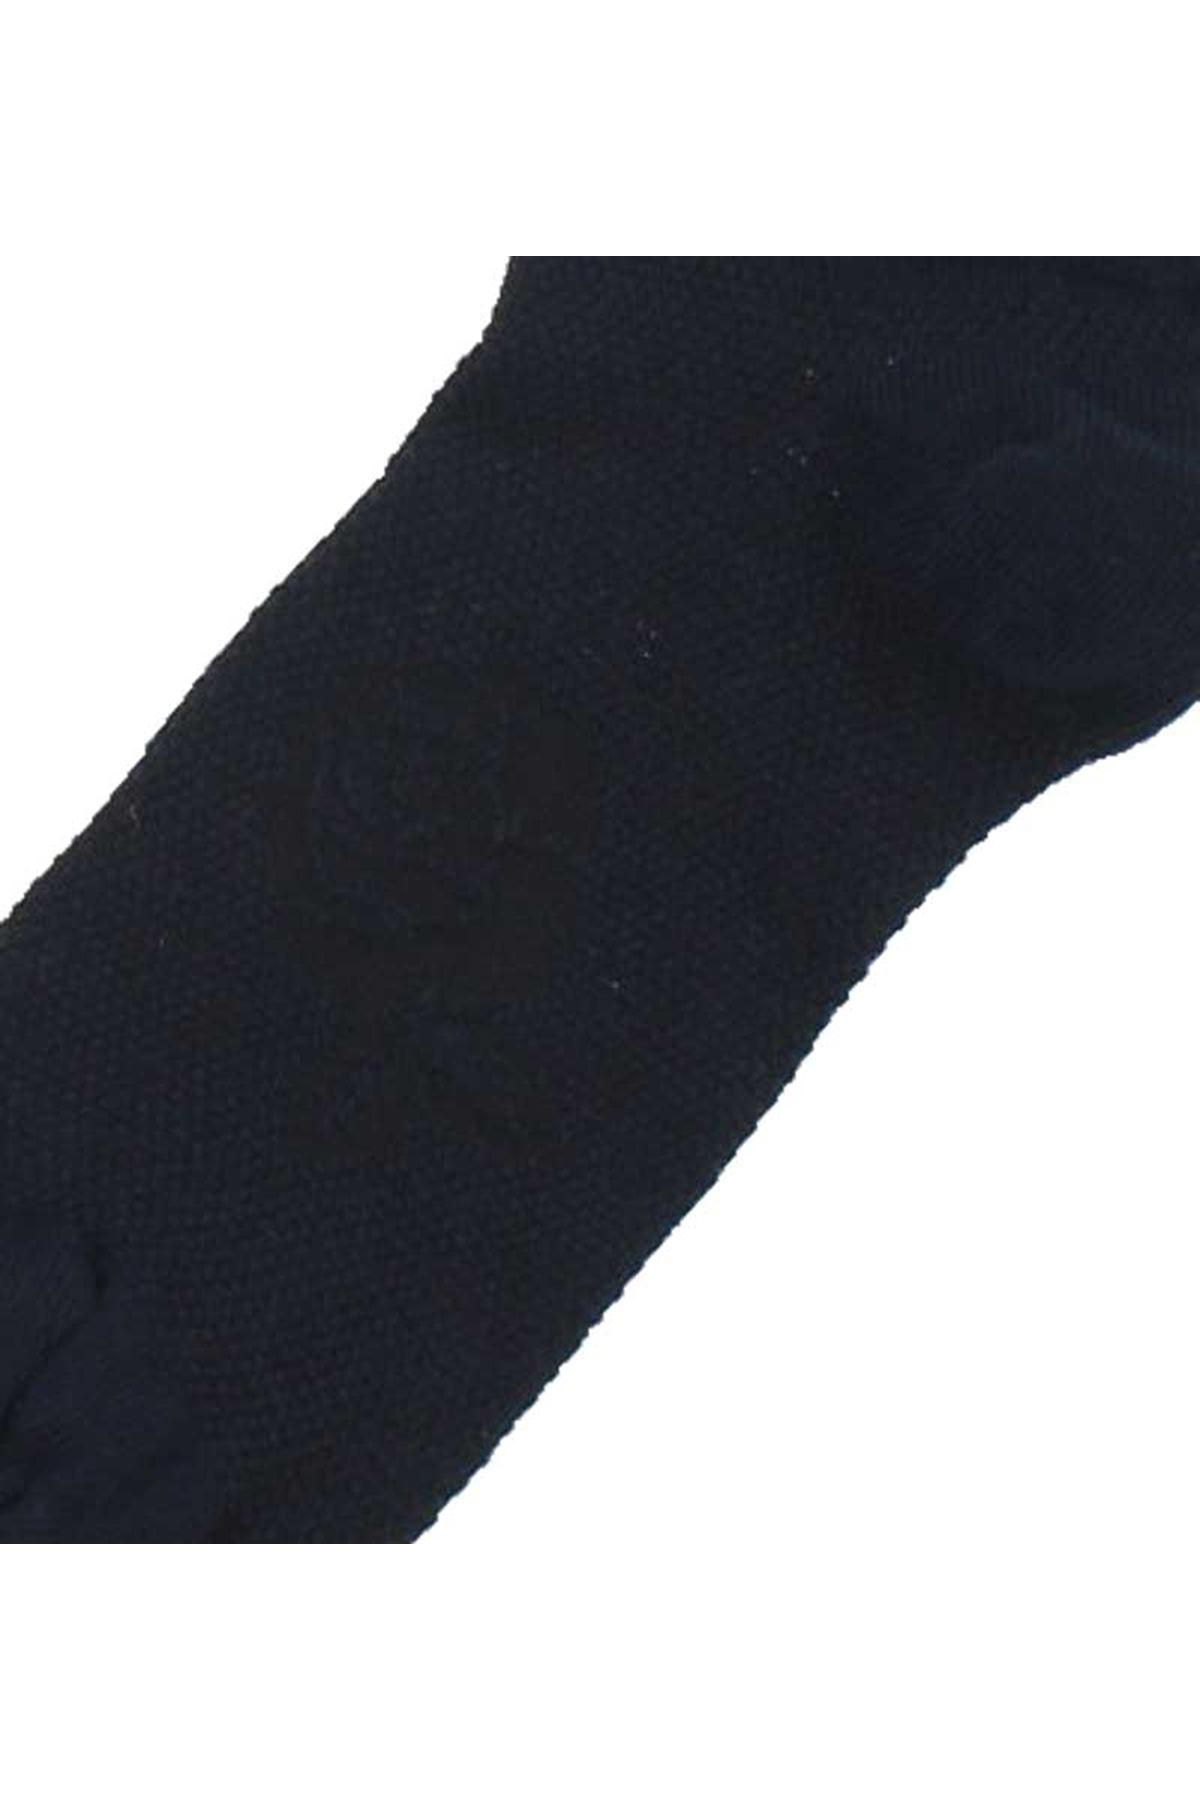 ByJawali Kadın Lacivert Parfümlü Desenli Patik Çorap